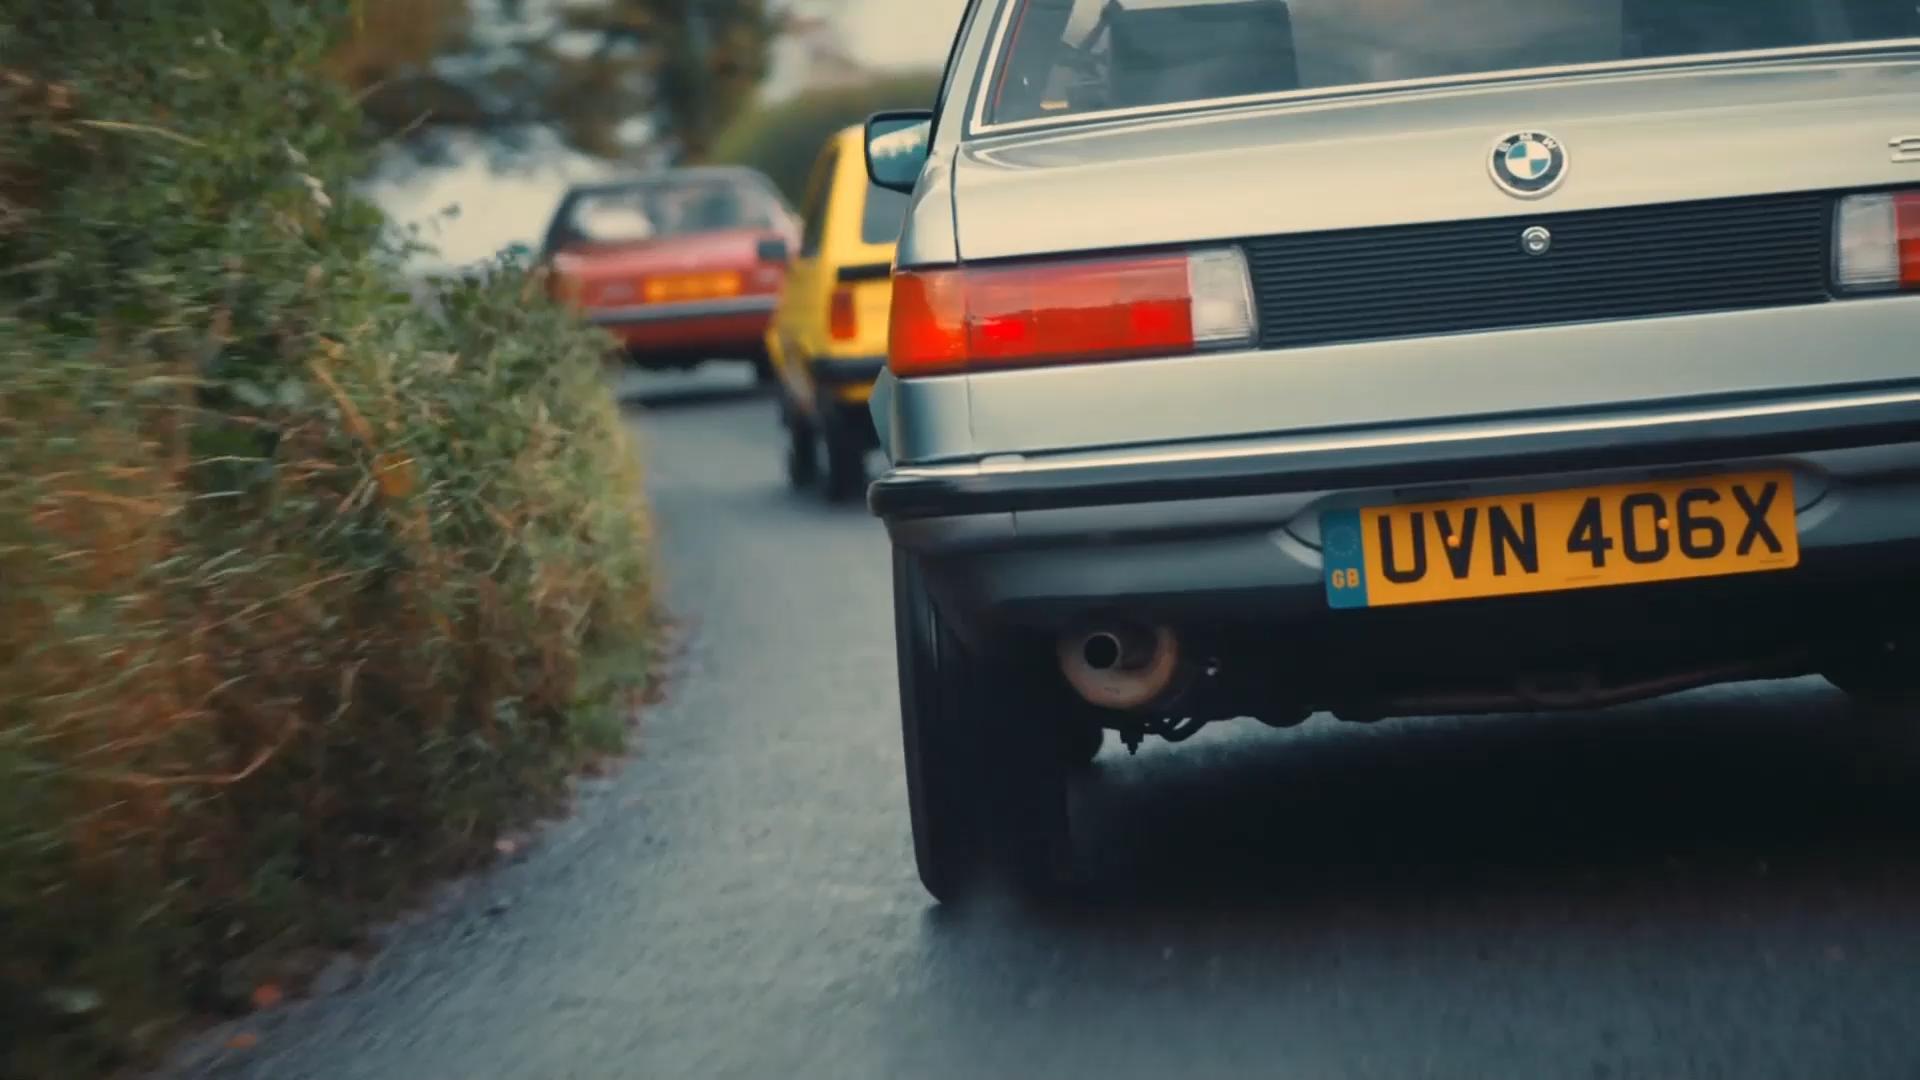 Изображение для Топ Гир / Top Gear, Сезон 30, Выпуск 1-4 из 4 (2021) WEB-DLRip 1080p (кликните для просмотра полного изображения)